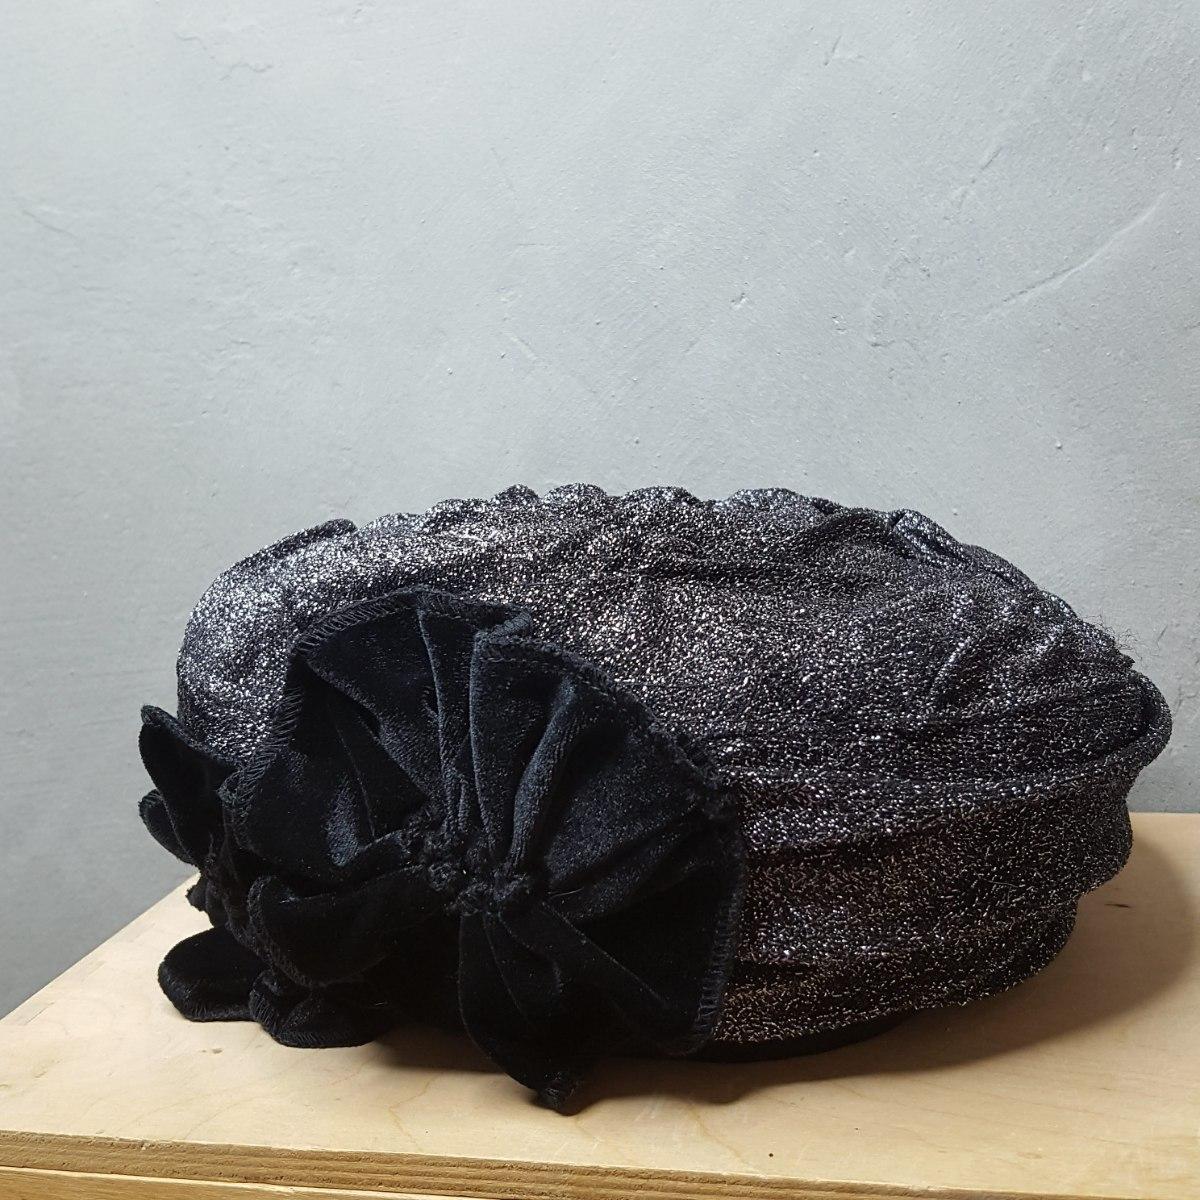 ברט מעוצב אלגנטי שחור לורקס ופרחי קטיפה